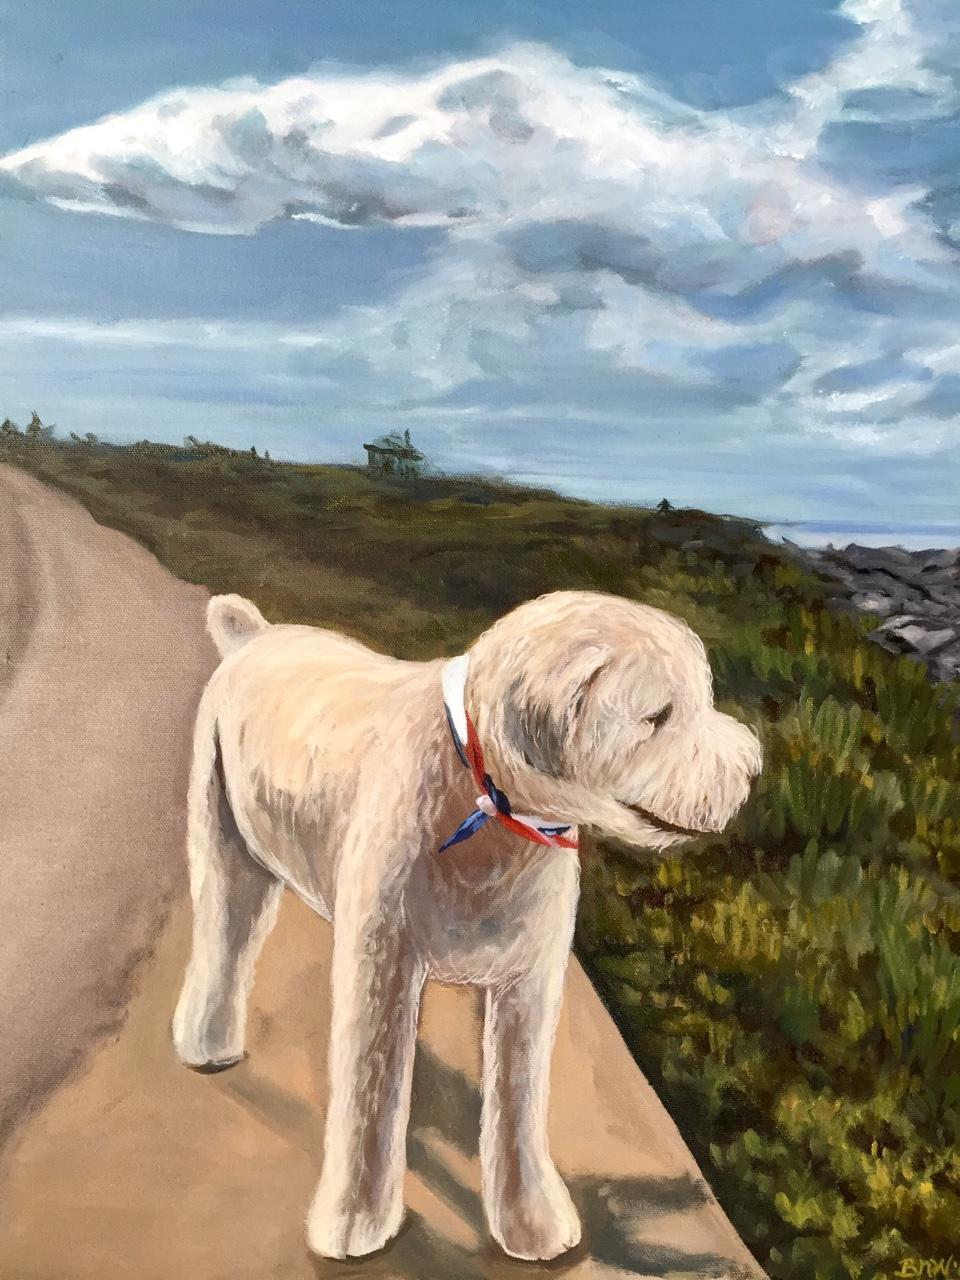 Finn   2016. Oil on canvas. 18 x 24.